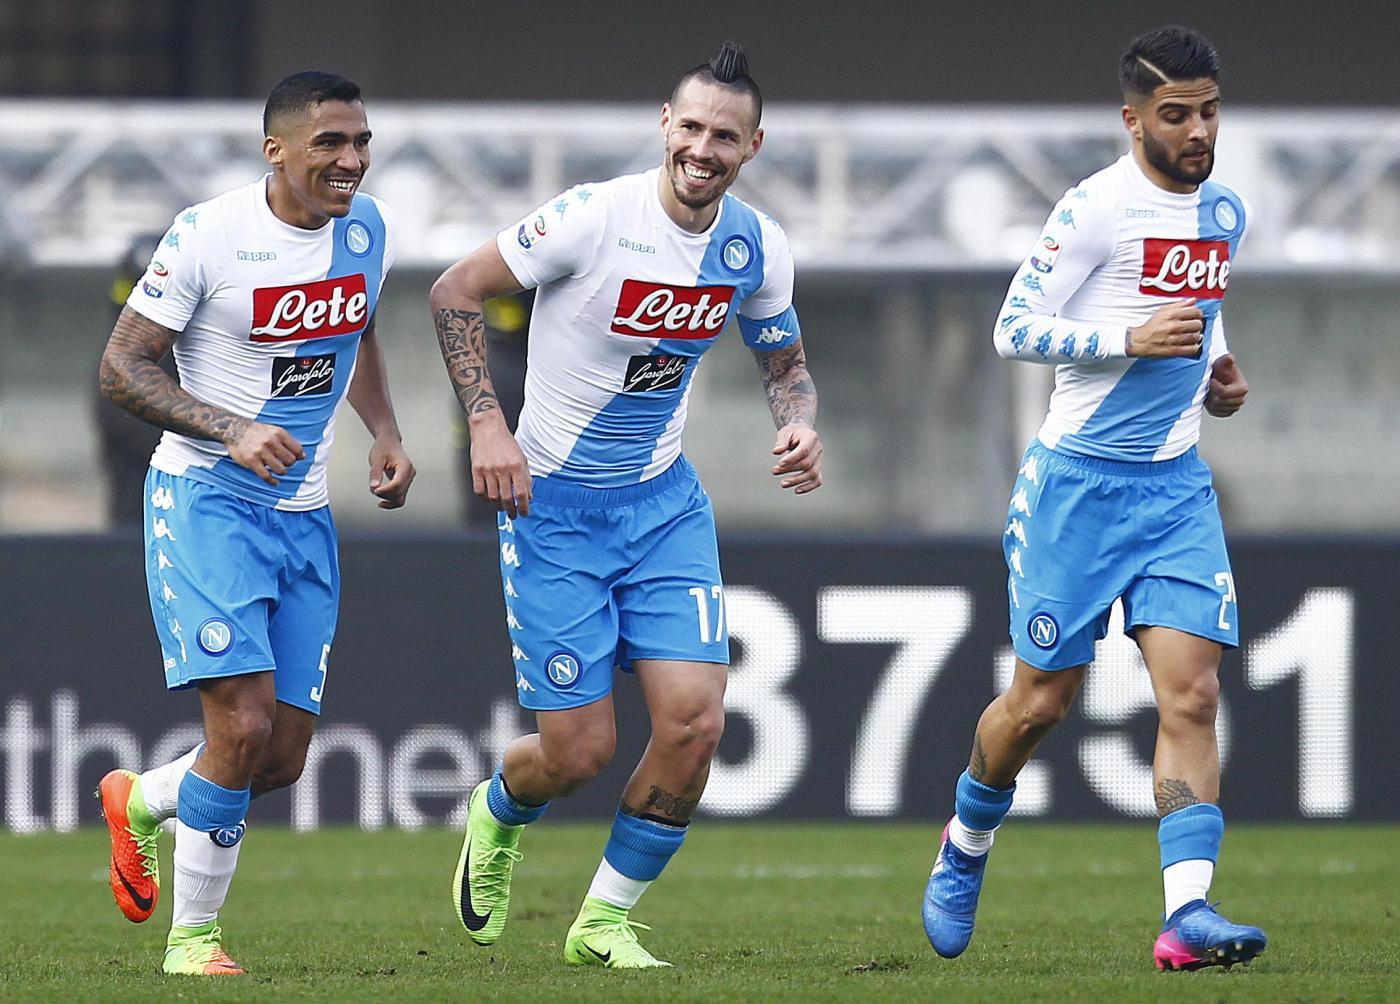 Calcio, serie A: Genoa in crisi: salta Juric, in arrivo Mandolrini